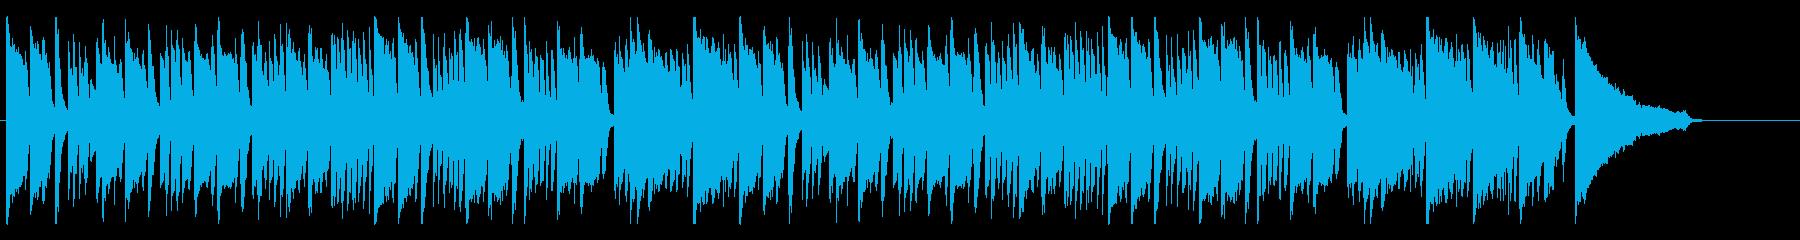 軽やかなピアノの協奏曲の再生済みの波形